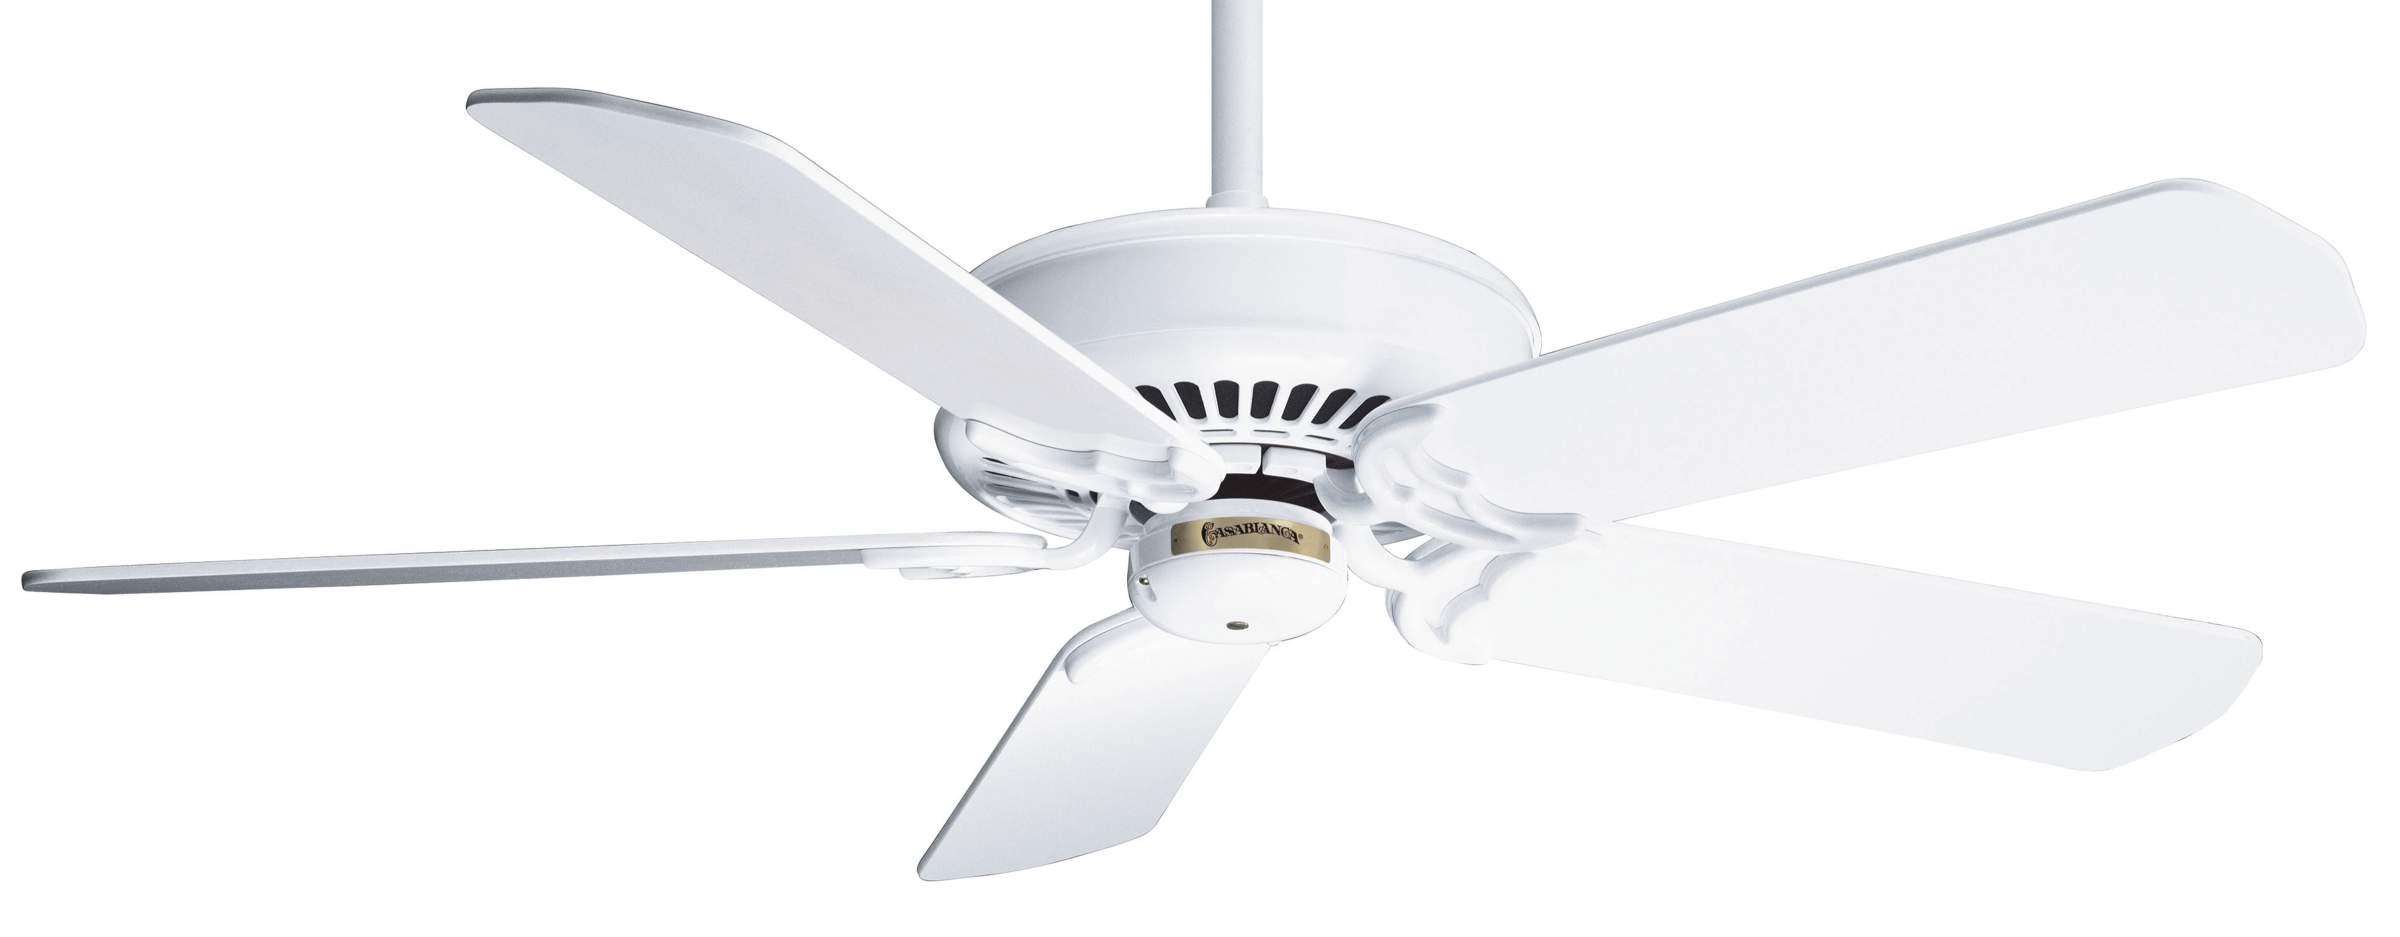 No airflow from ceiling fan ceiling fan ideas no airflow from ceiling fan gradschoolfairs com mozeypictures Gallery